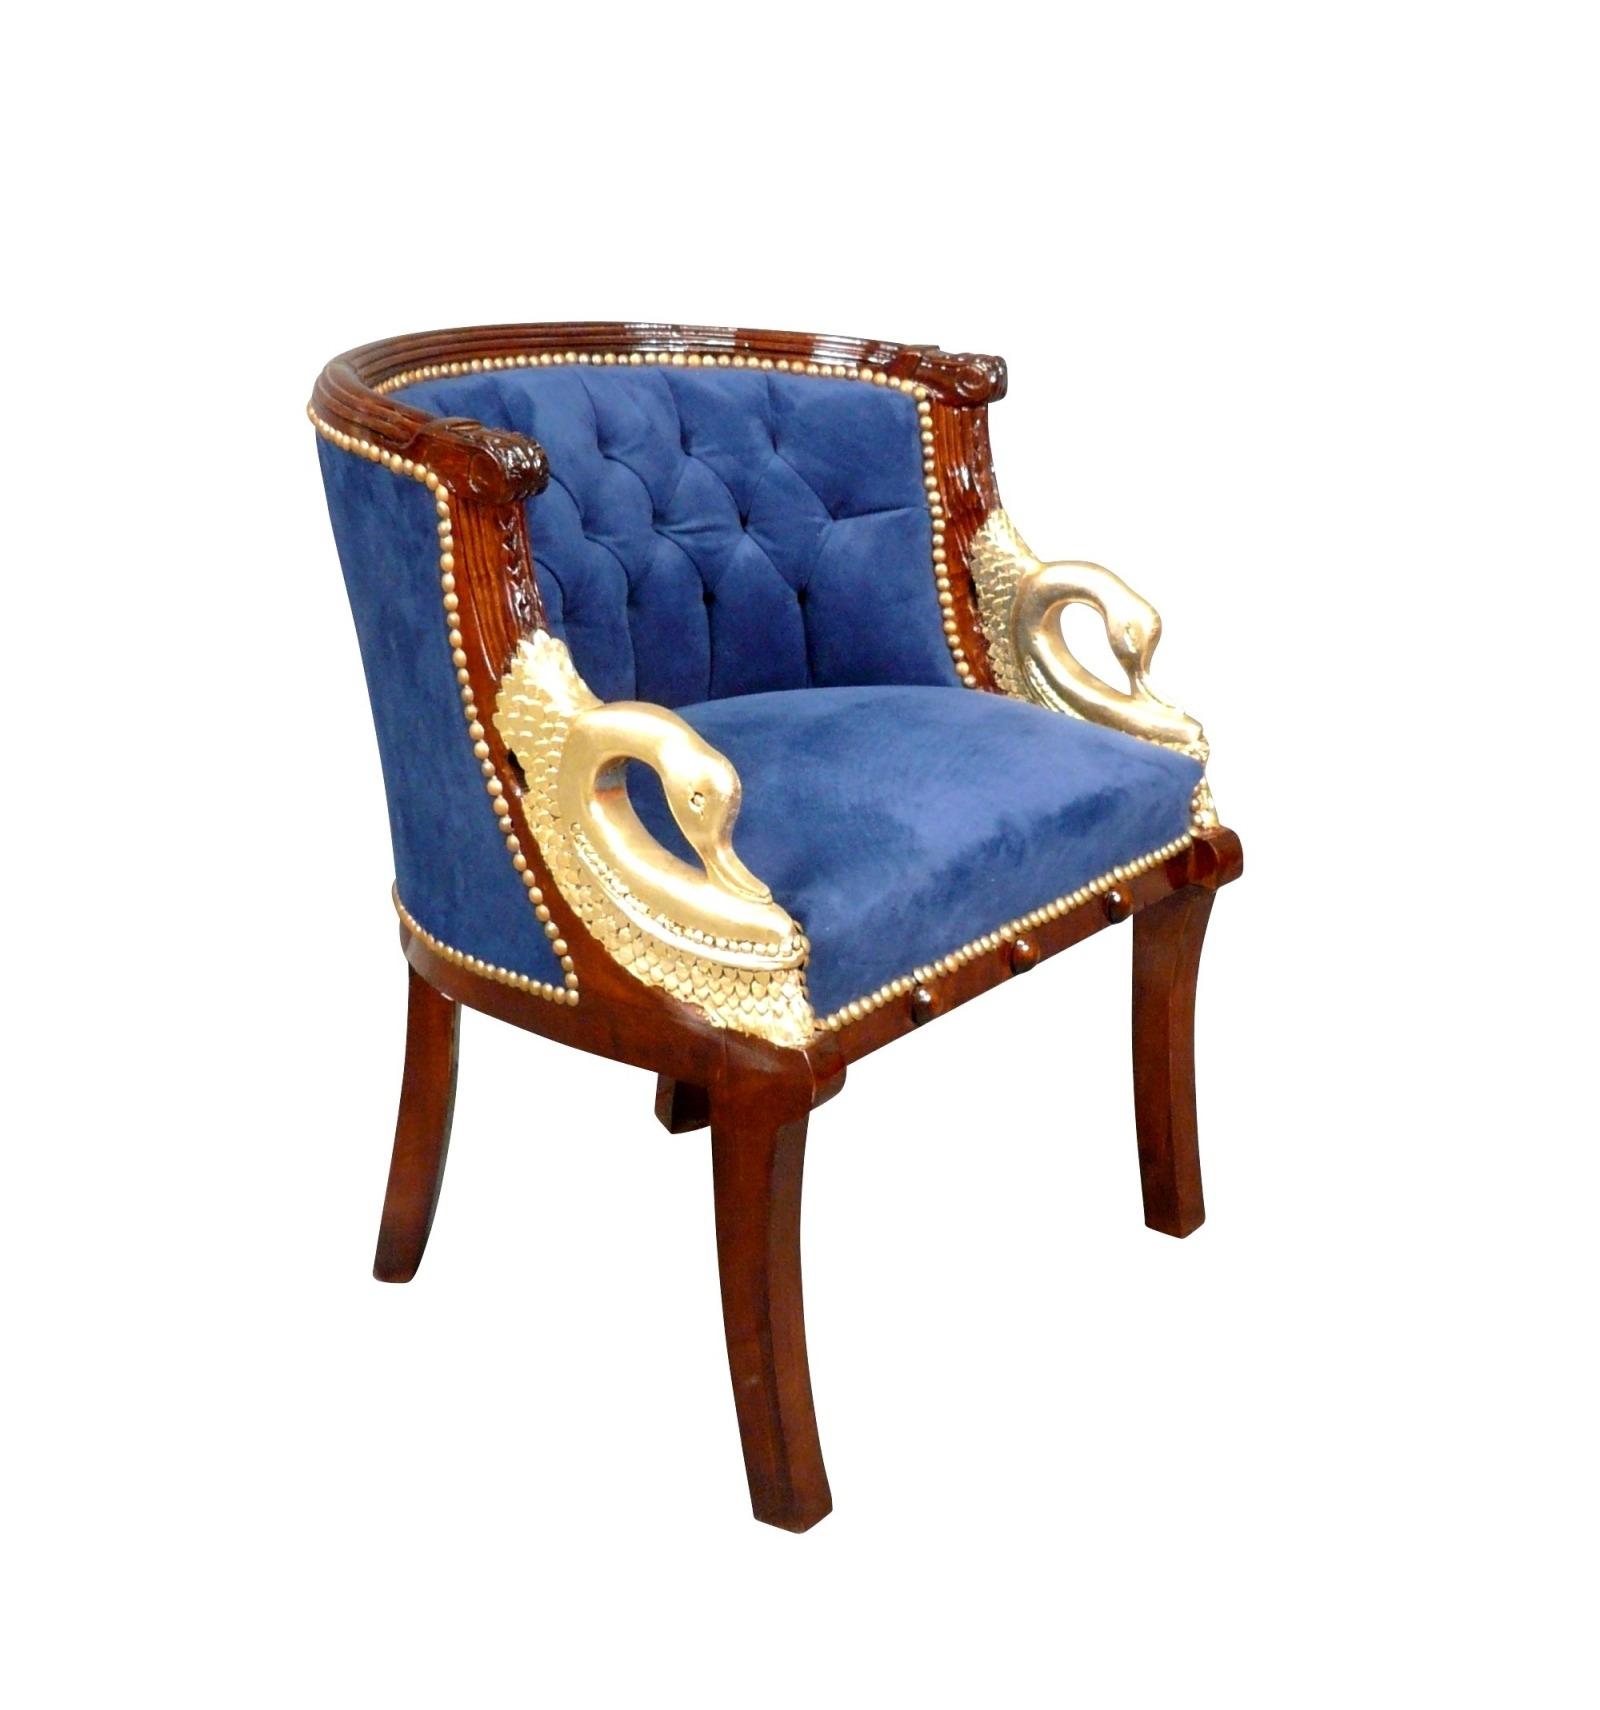 fauteuil napolon iii style empire bleu - Fauteuil Napoleon 3